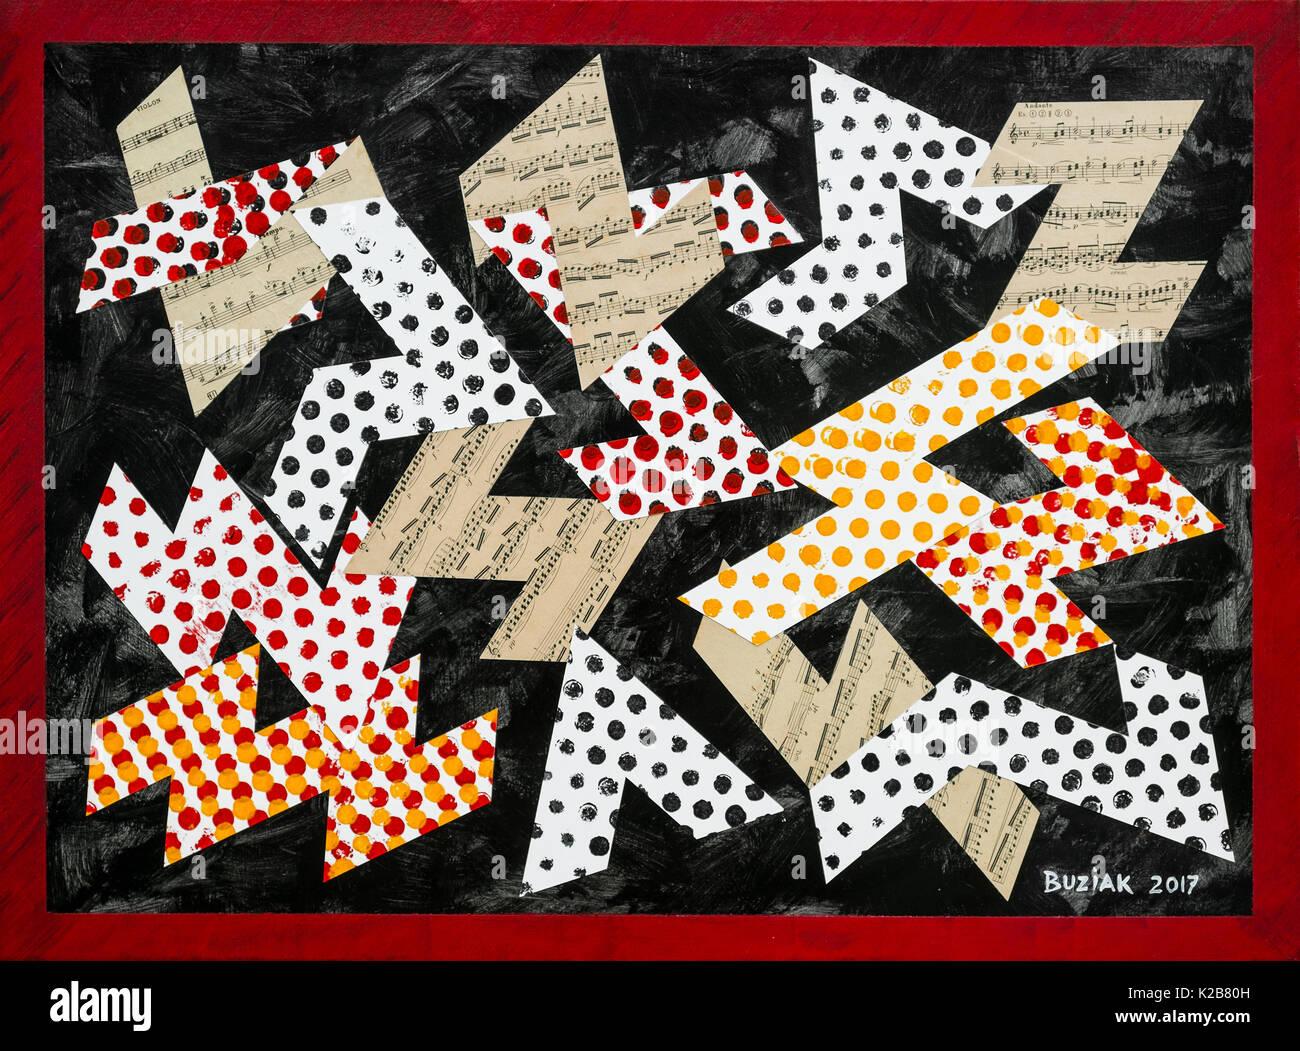 """""""Verbinden der Punkte - Musikalisch"""" - abstrakte Kunstwerke von Ed Buziak. Stockbild"""